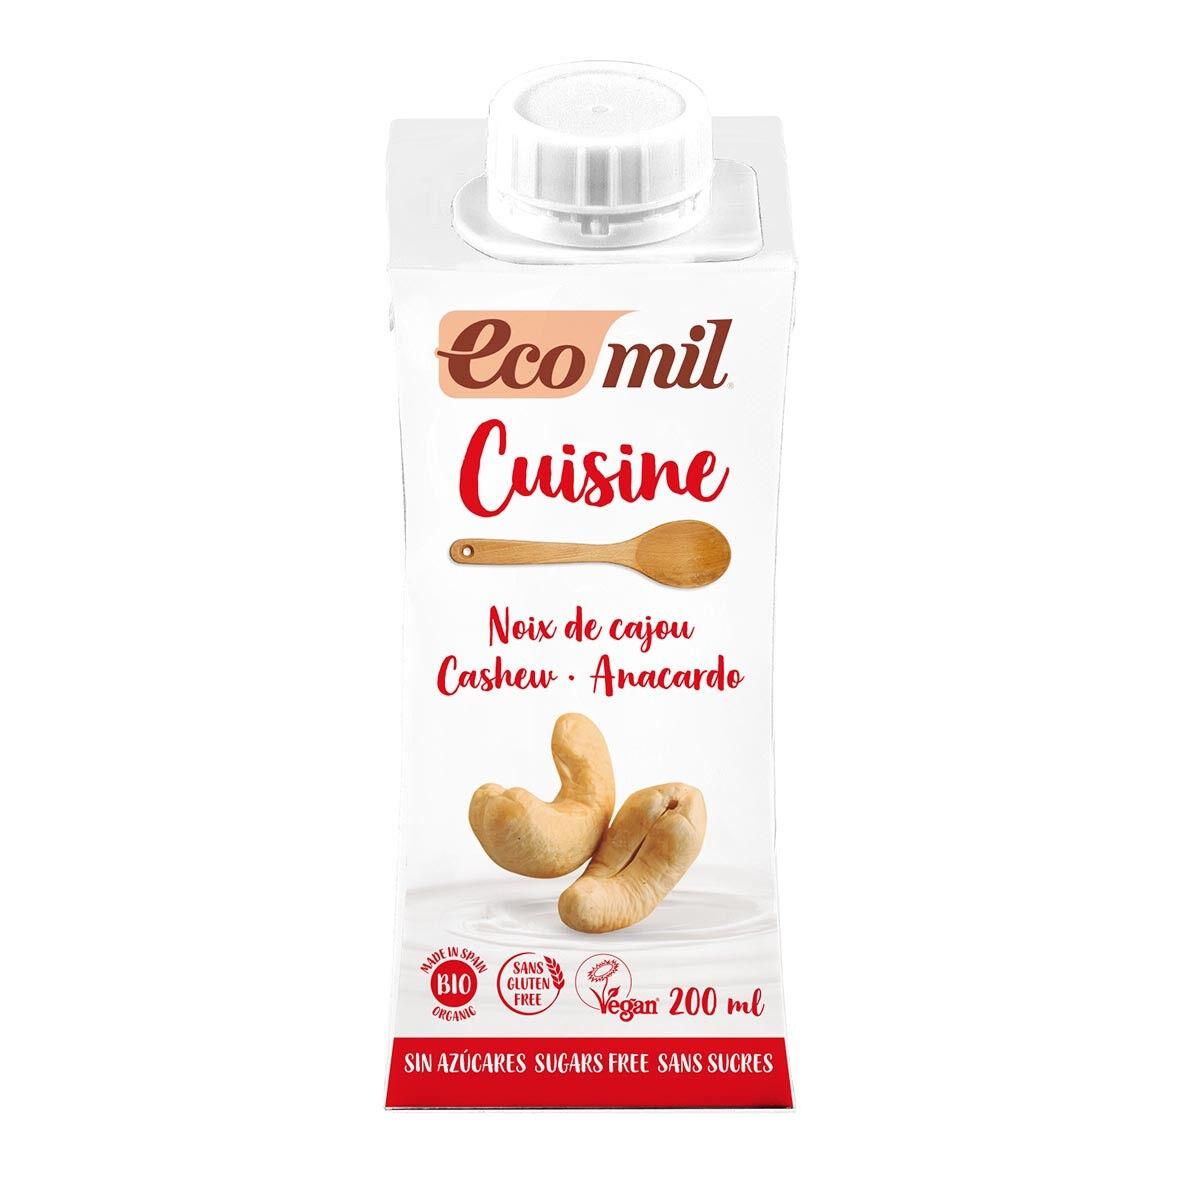 ECOMIL Crème Cuisine Noix de Cajou Nature 200ml Bio - Ecomil